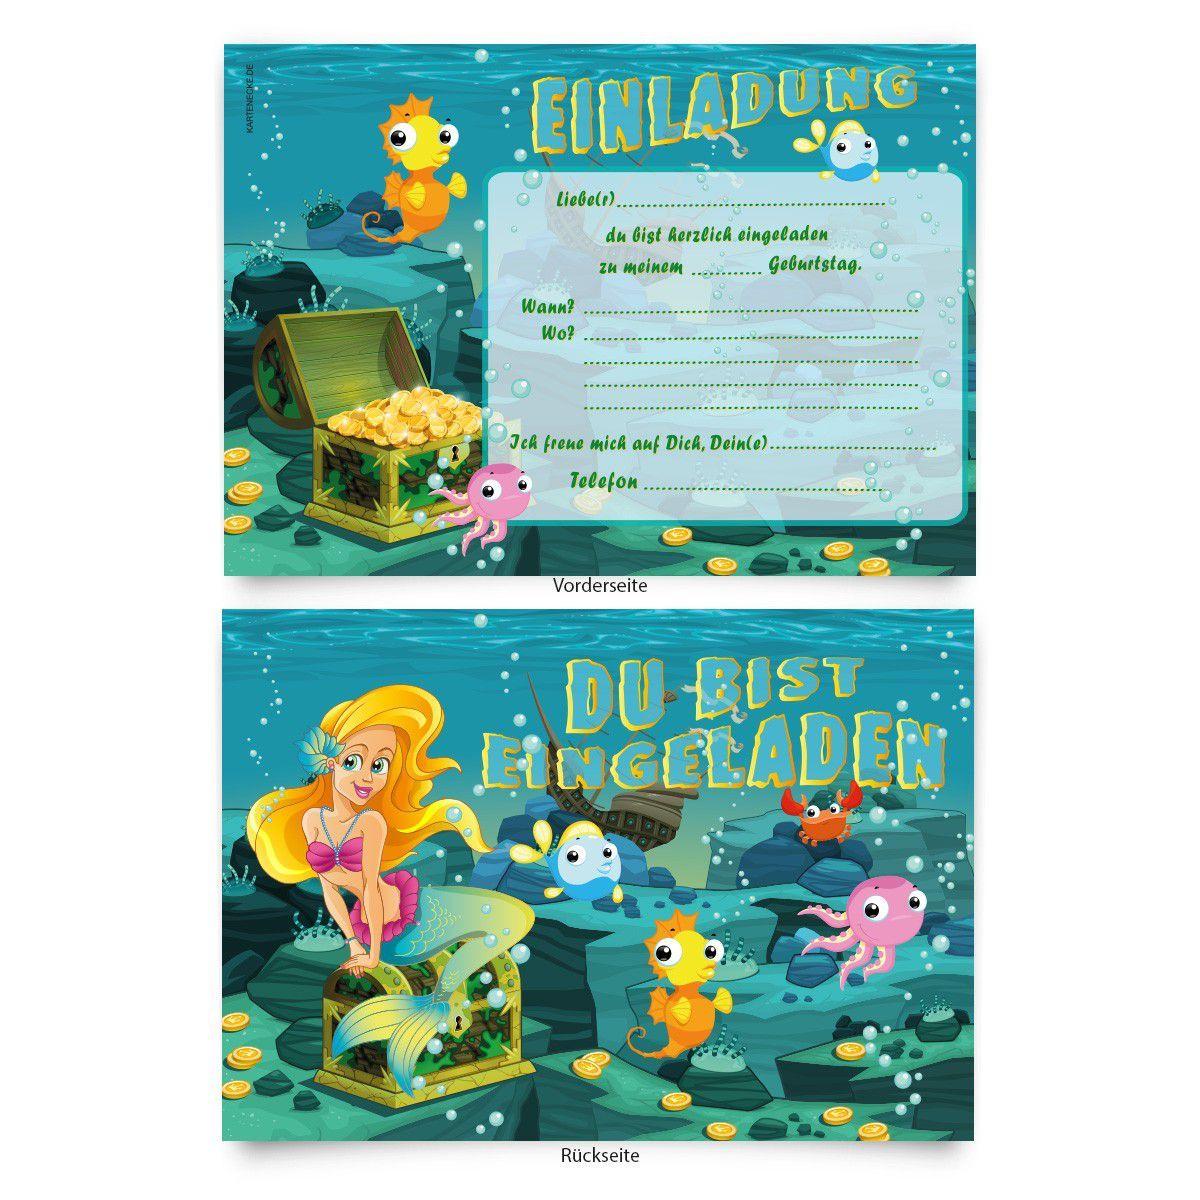 Einladungskarten Kindergeburtstag Online : Einladungskarten  Kindergeburtstag Online Ausdrucken   Kindergeburtstag Einladung   Kindergeburtstag  Einladung